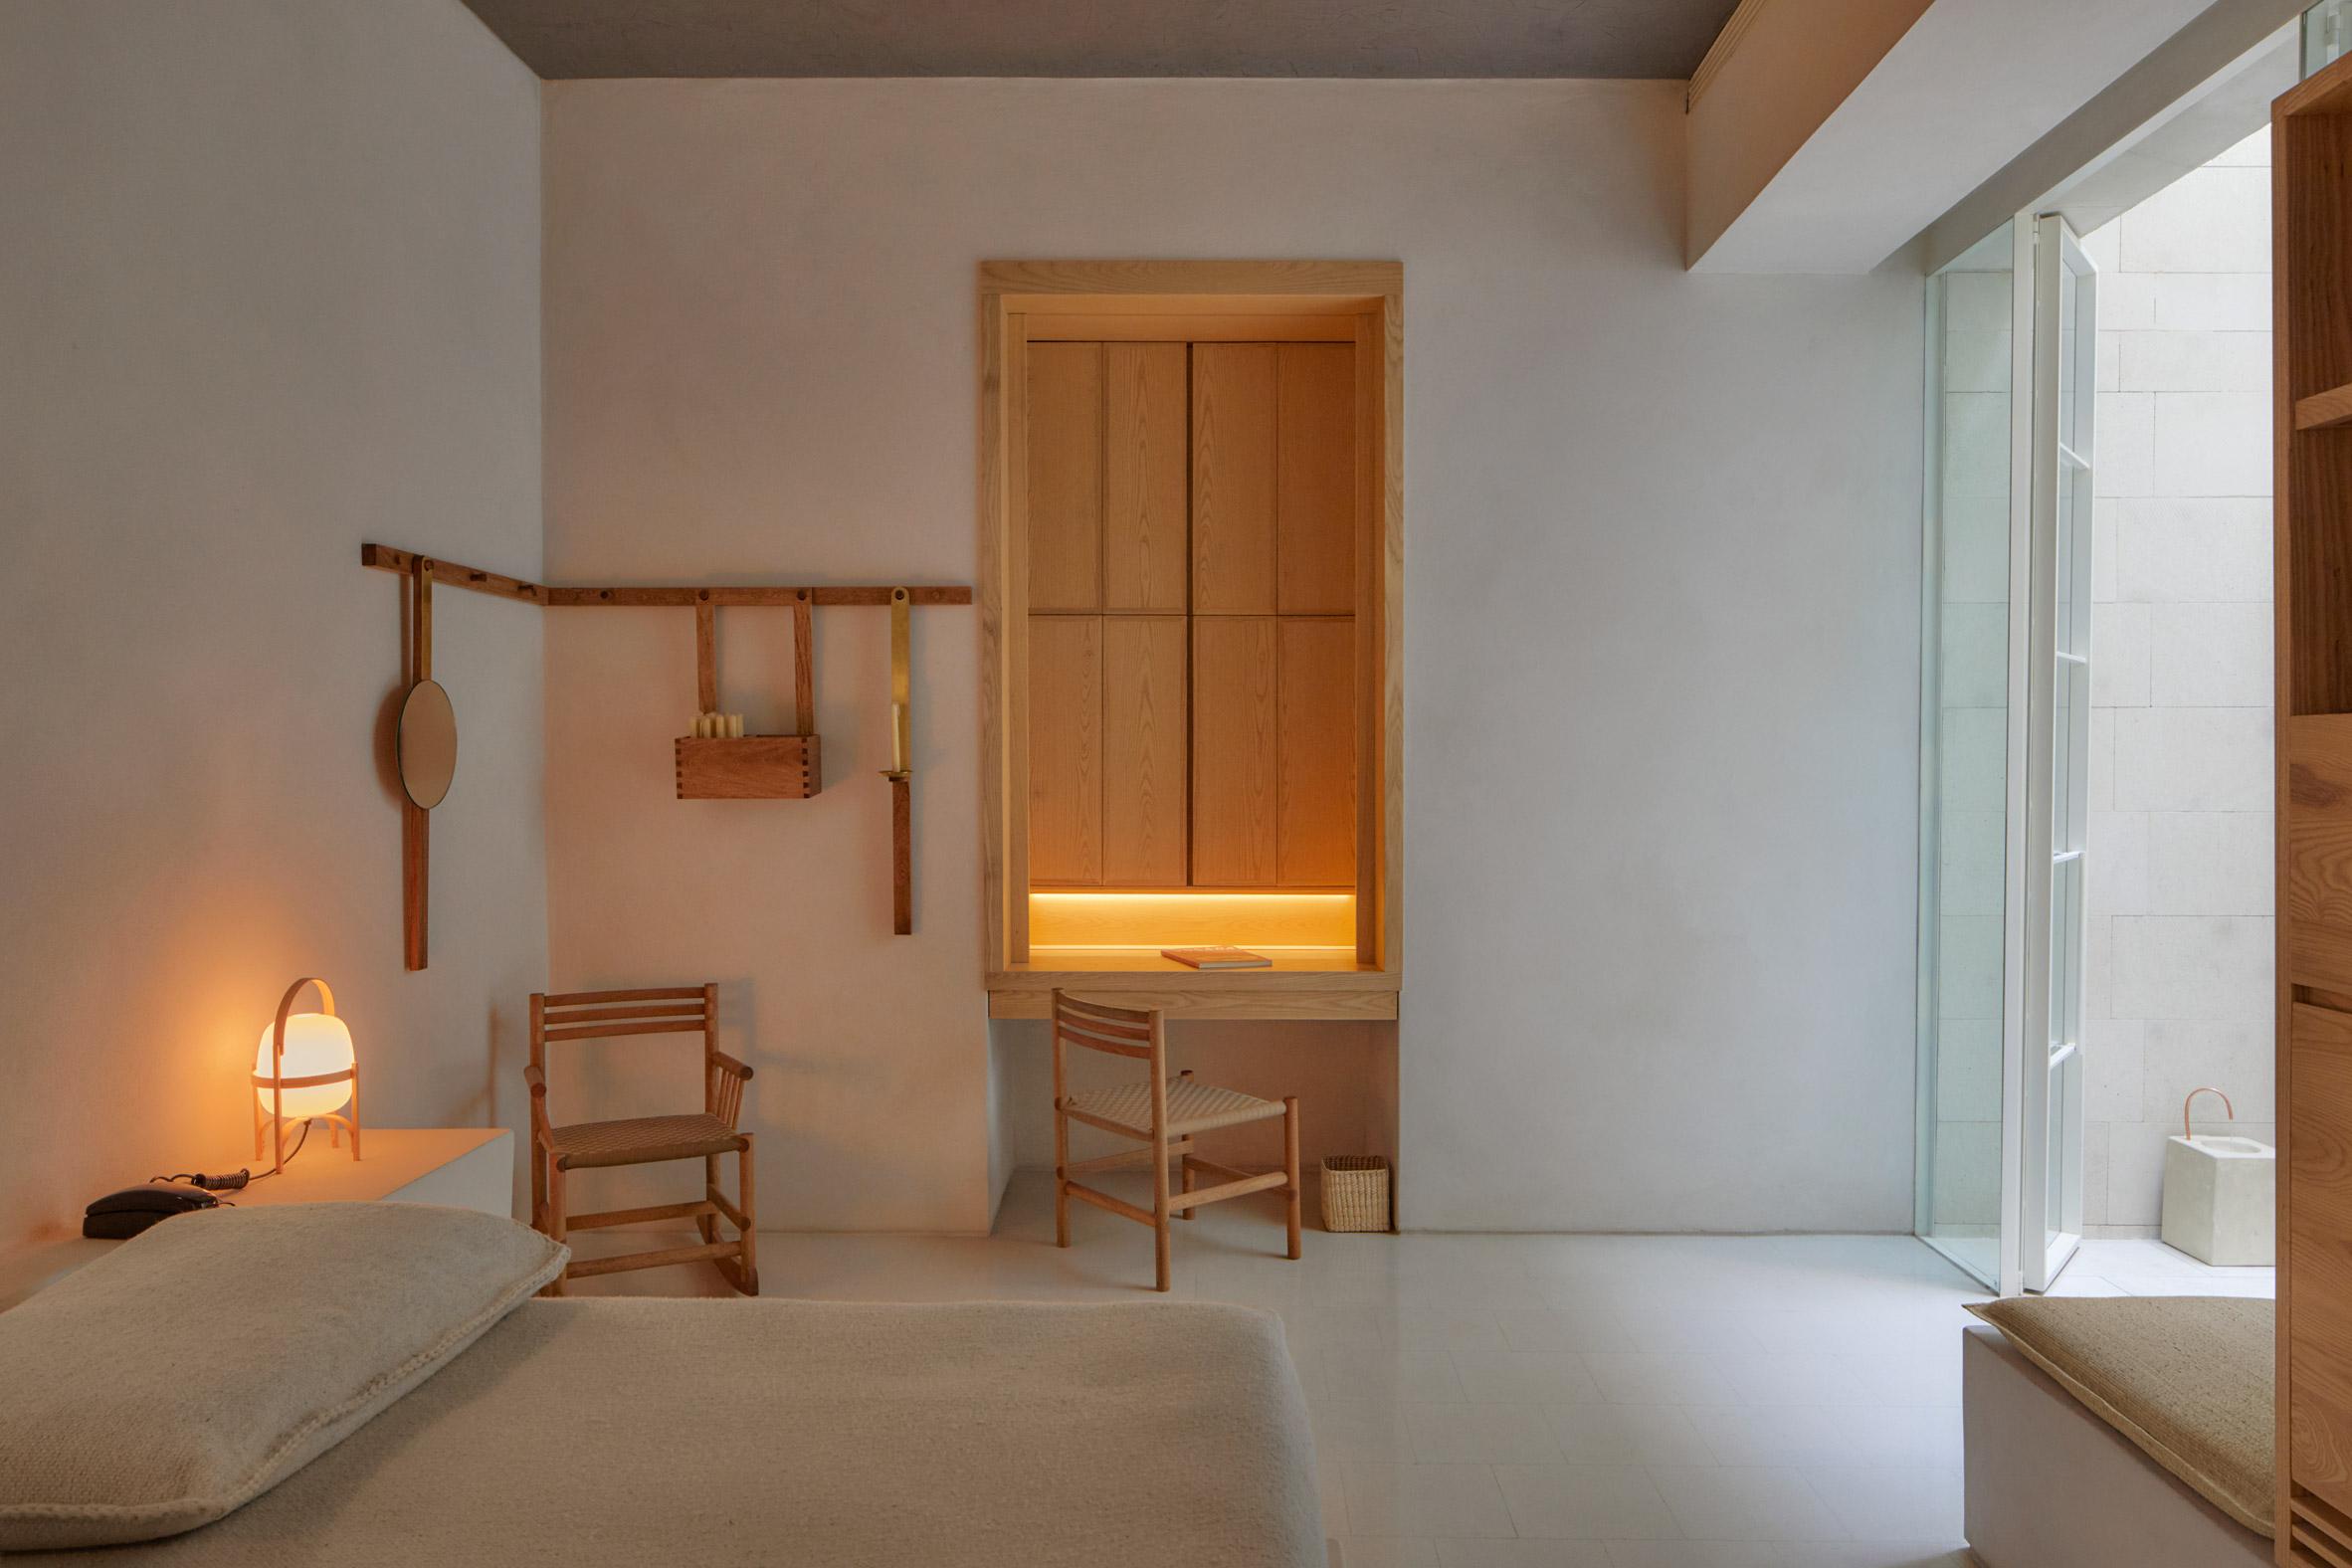 Bedrooms of Circulo Mexicano hotel in Mexico City by Ambrosi Etchegaray